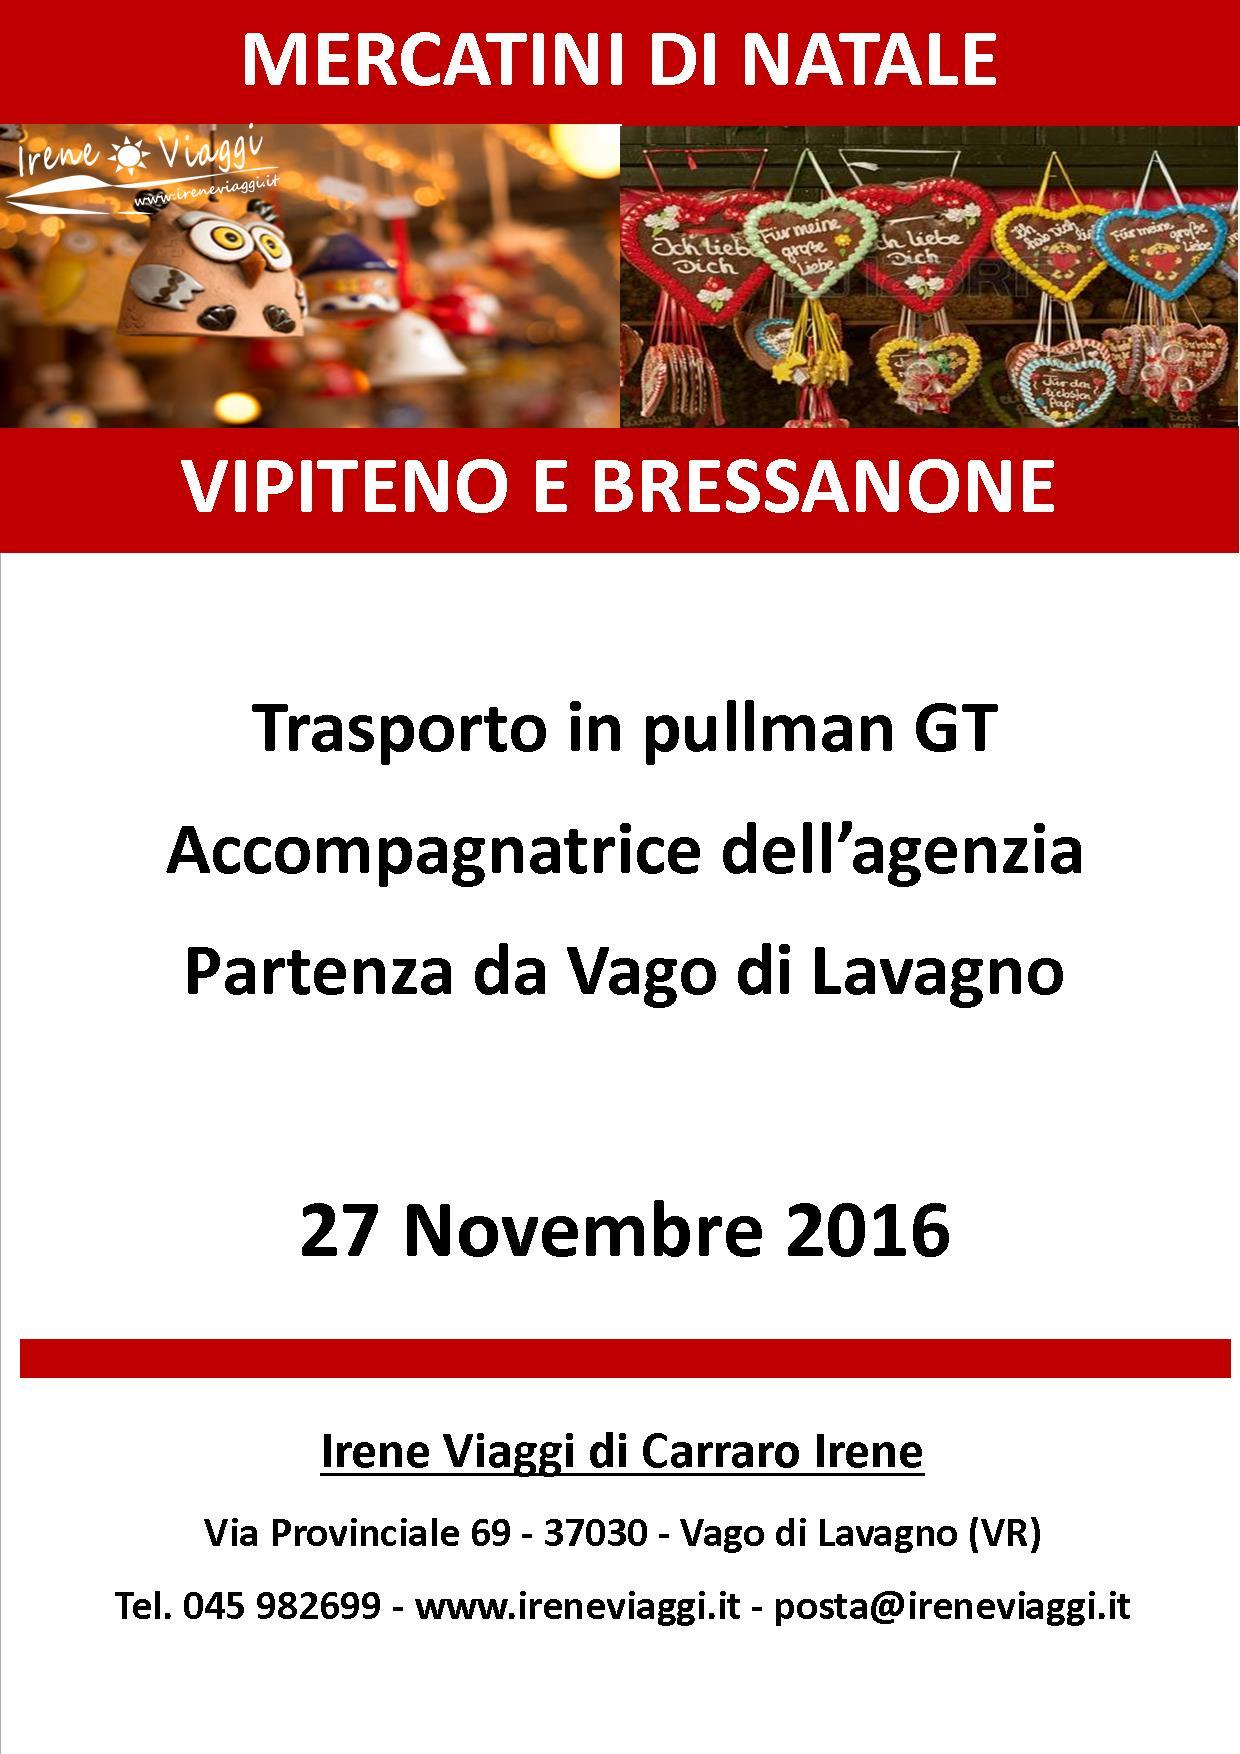 Mercatini di Natale a Vipiteno e Bressanone